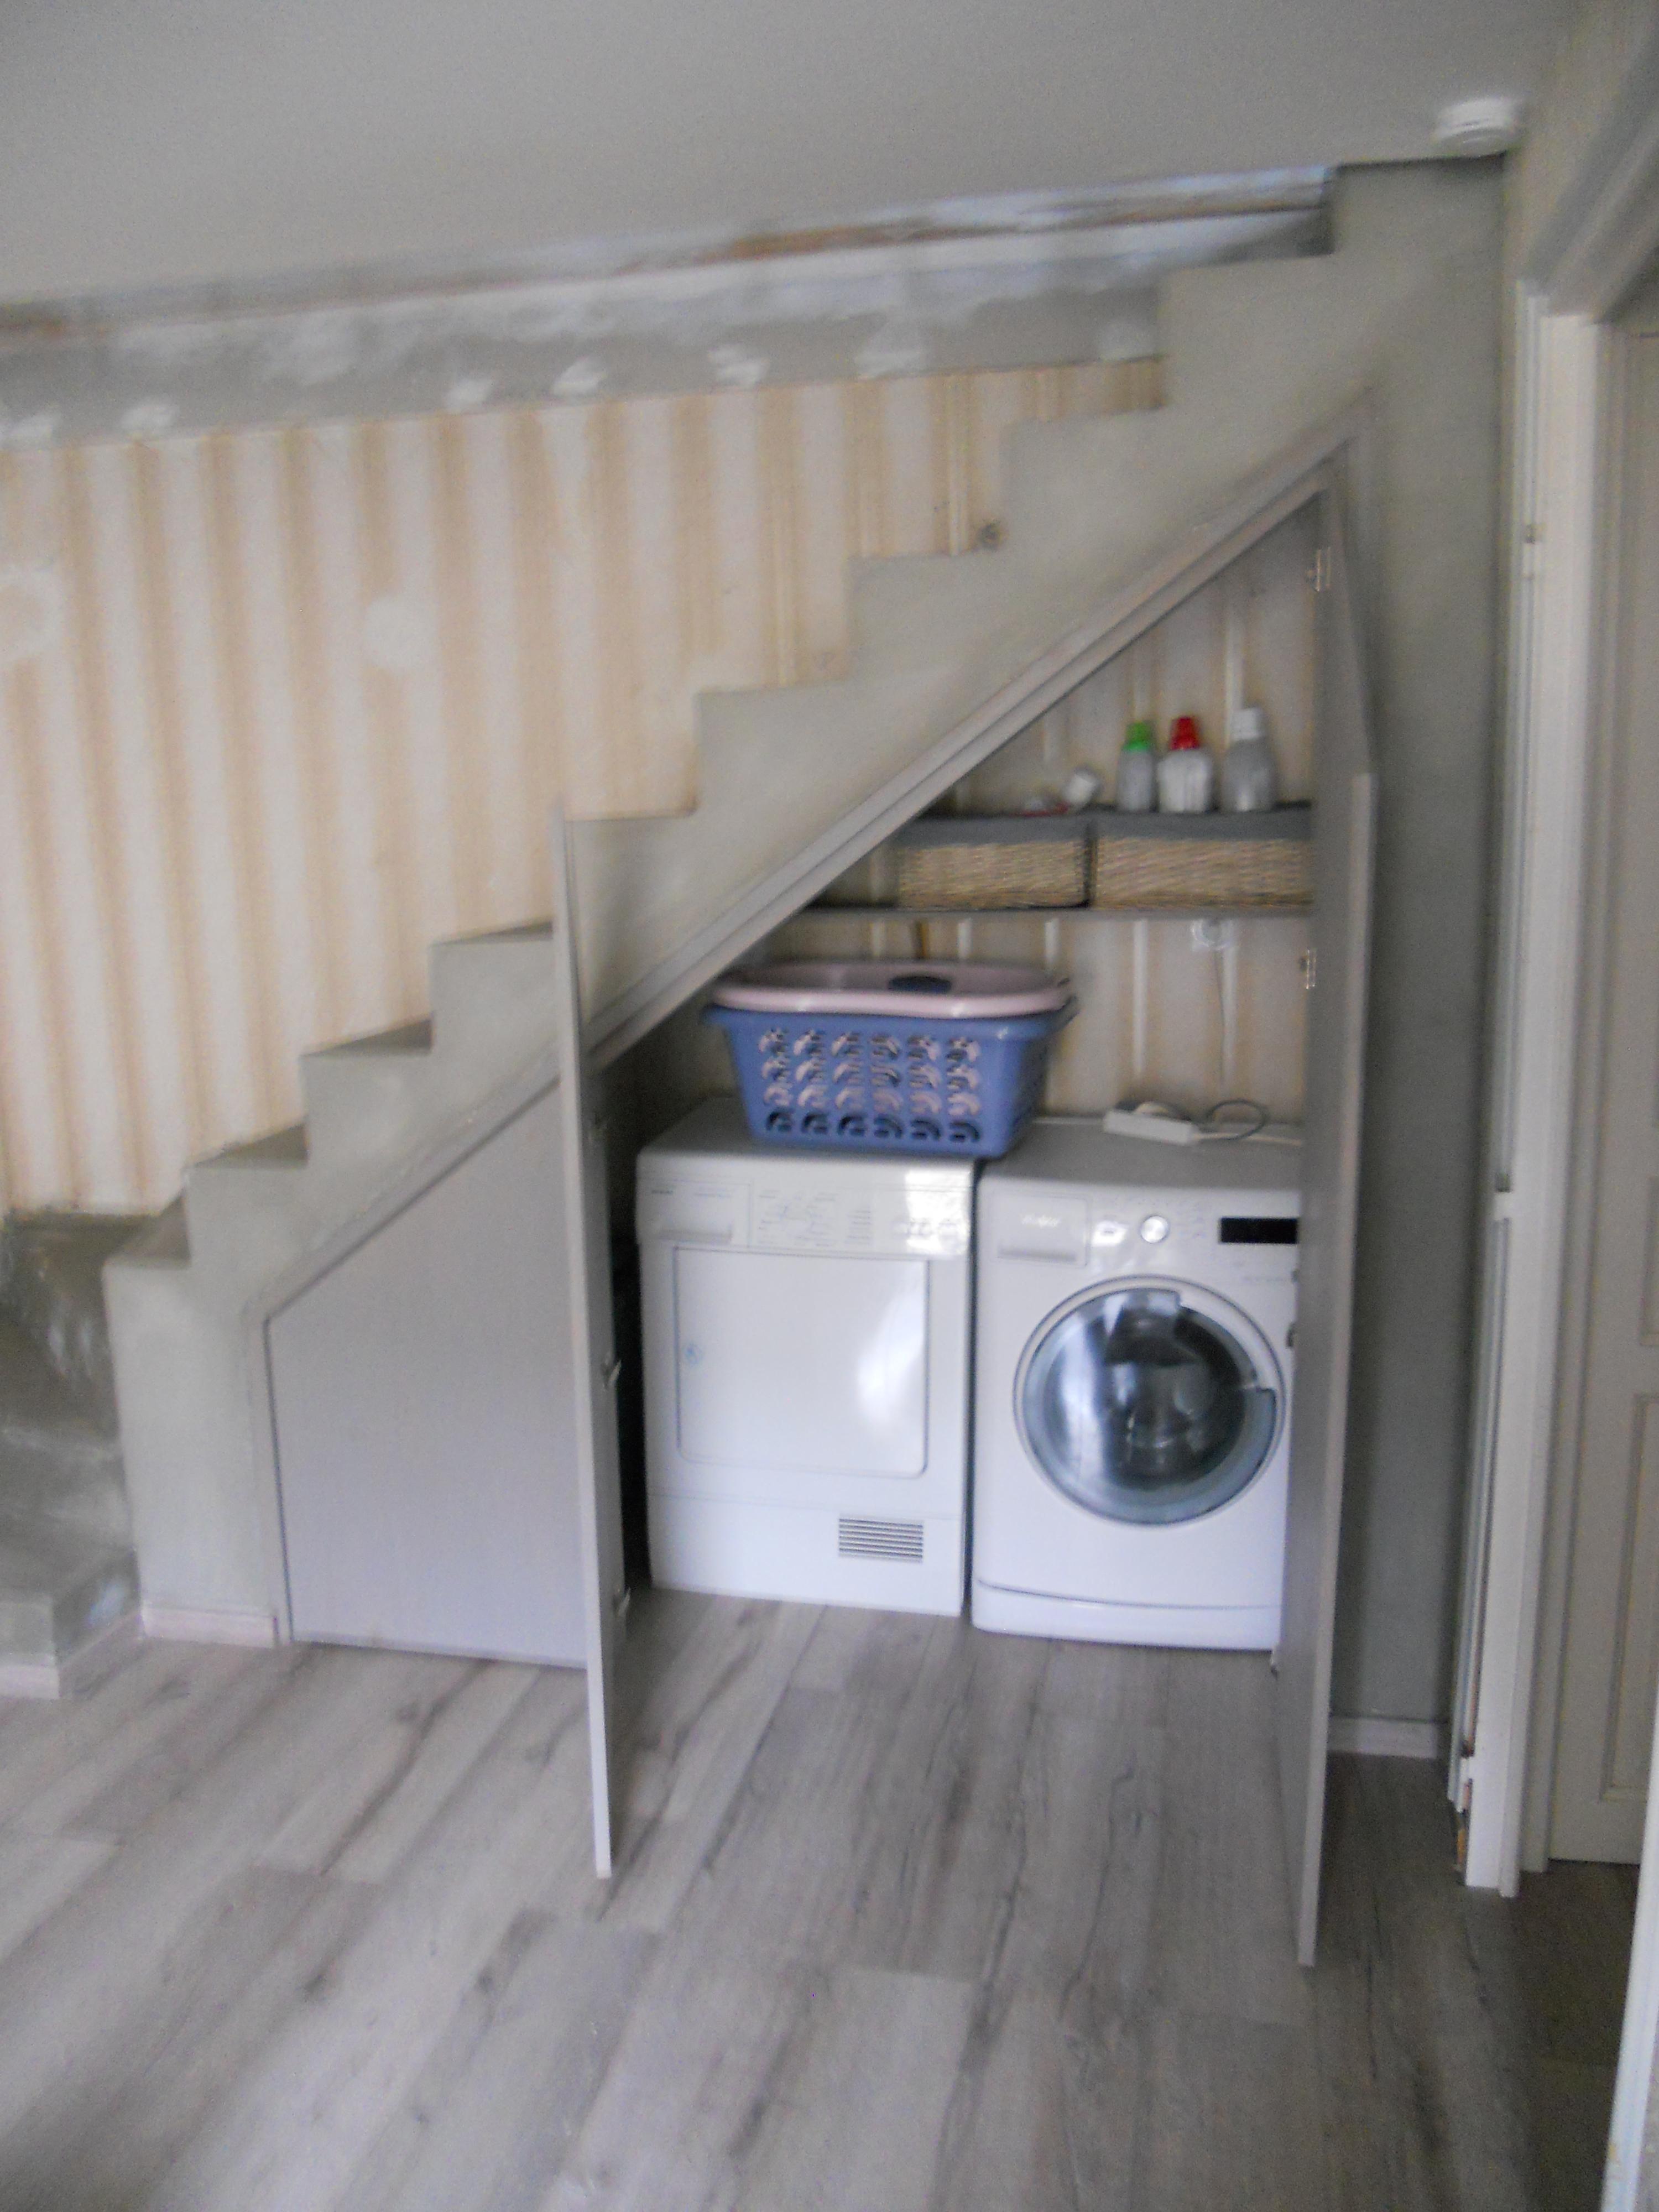 Design meuble cuisine bois massif 12 bordeaux meuble bordeaux - Meuble design bordeaux ...